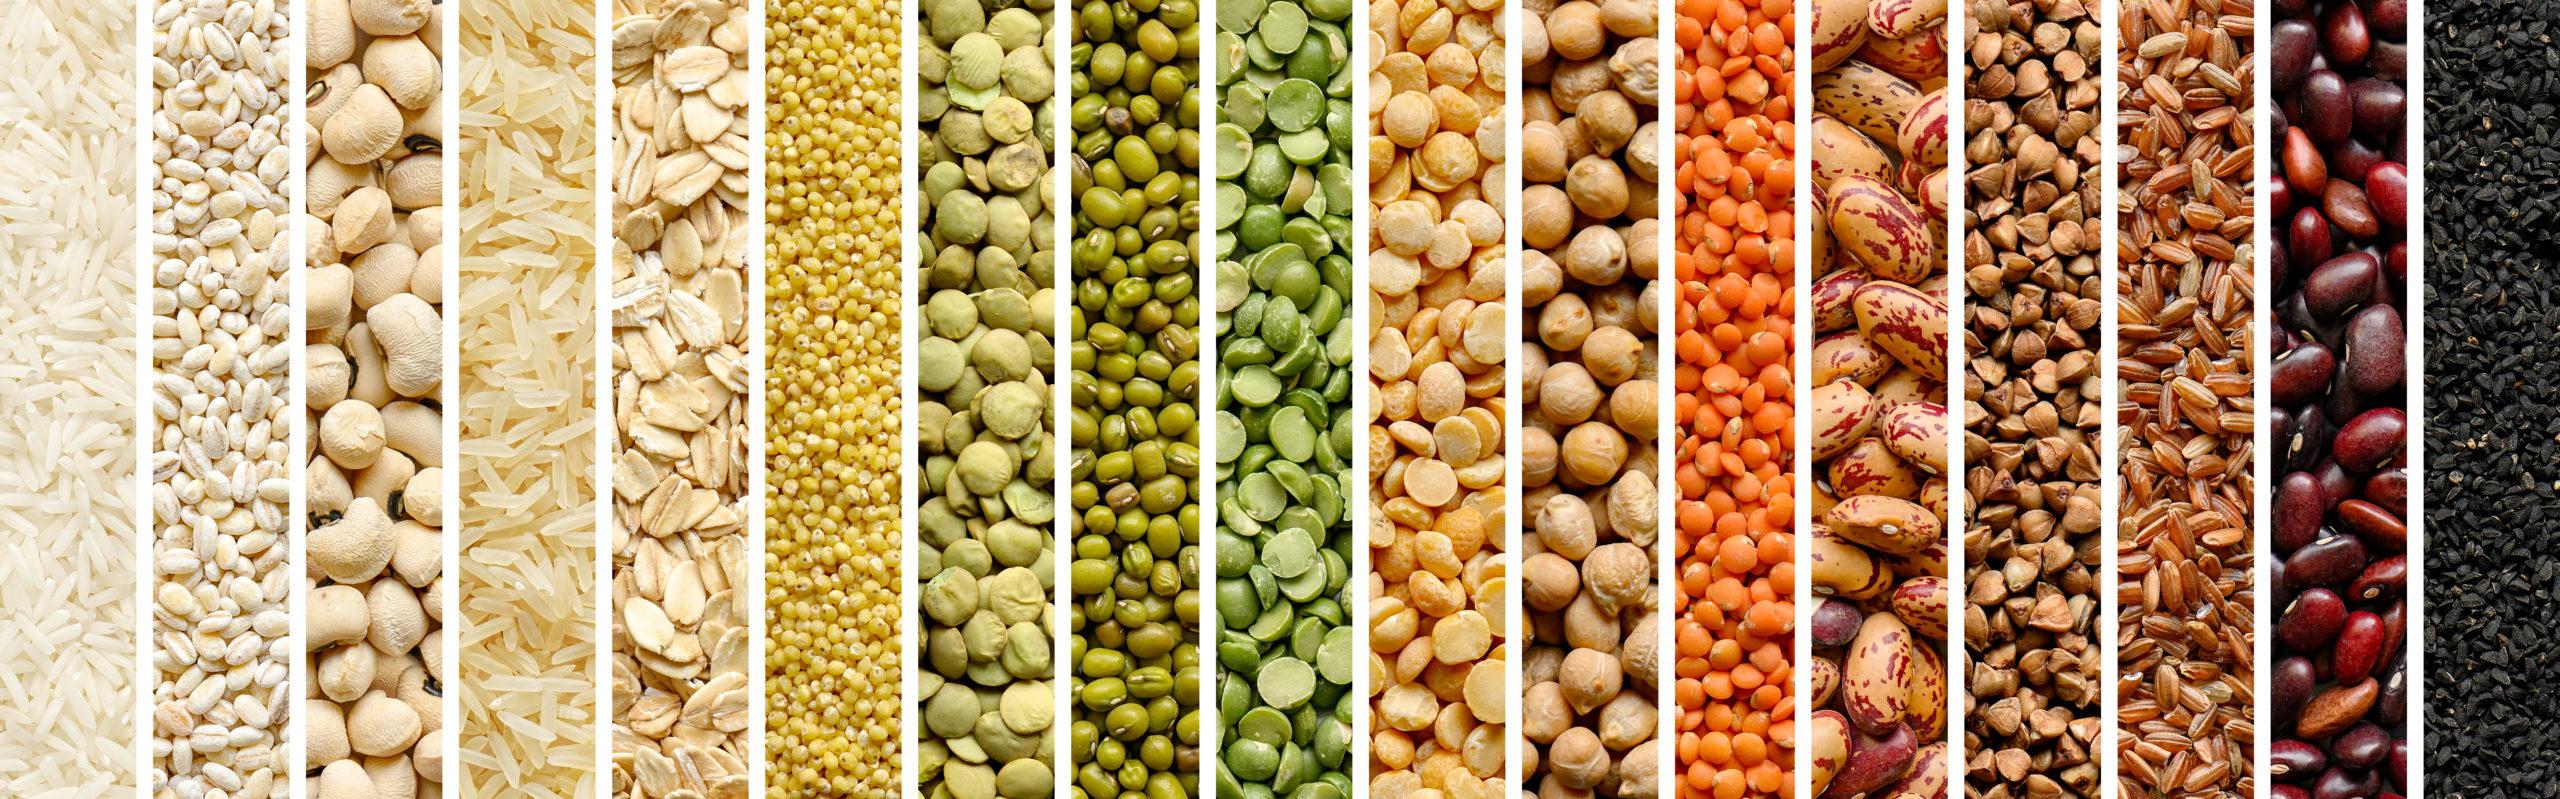 Como cocinar legumbres ecológicas